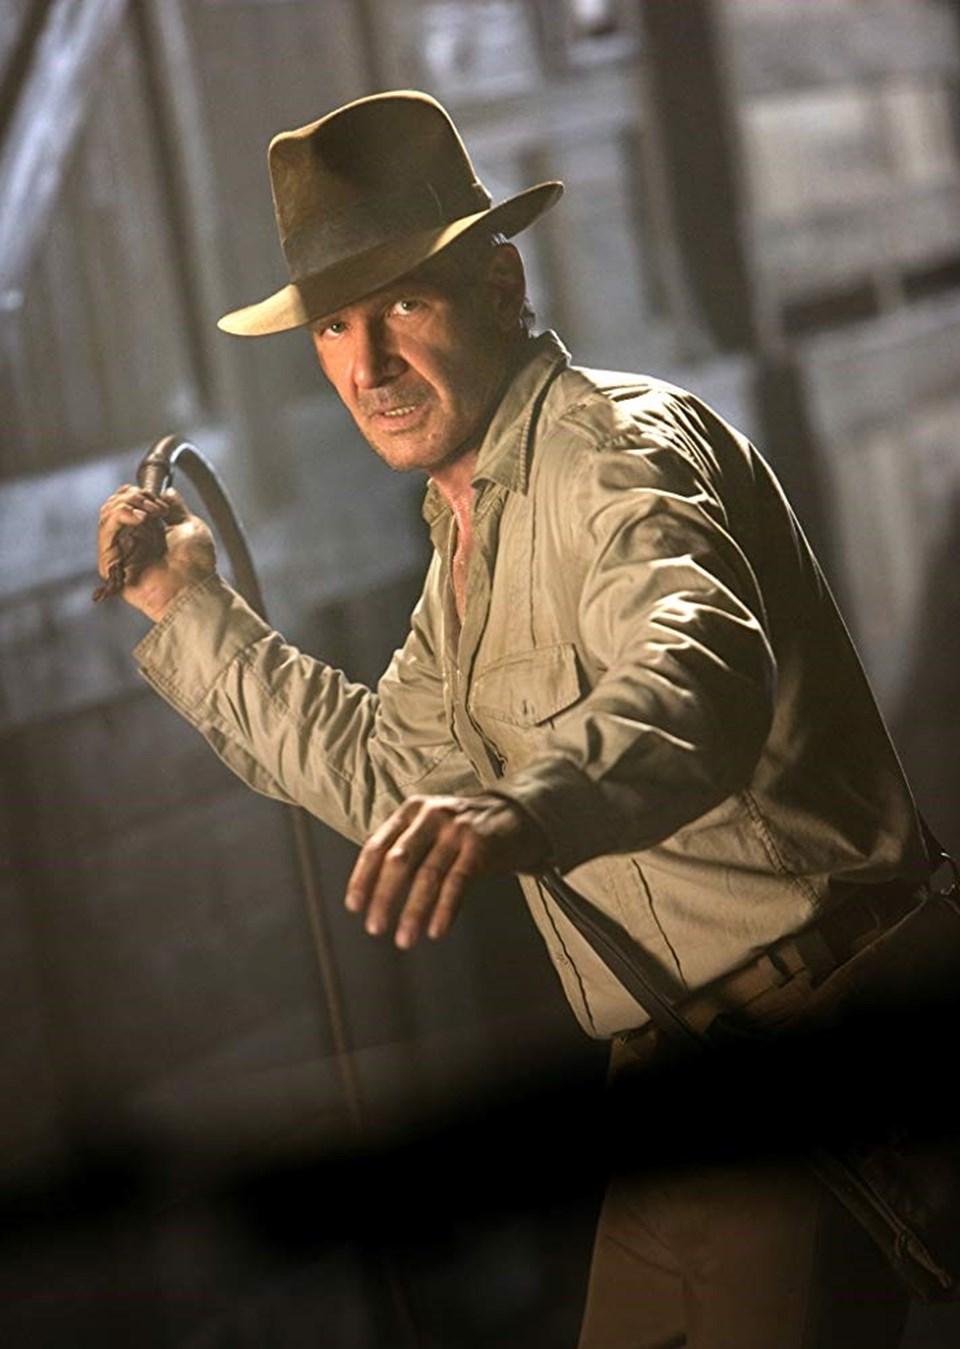 Hollywood efsanesi Indiana Jones ve Yıldız Savaşları'ndaki Han Solo karakteriyleünlendi